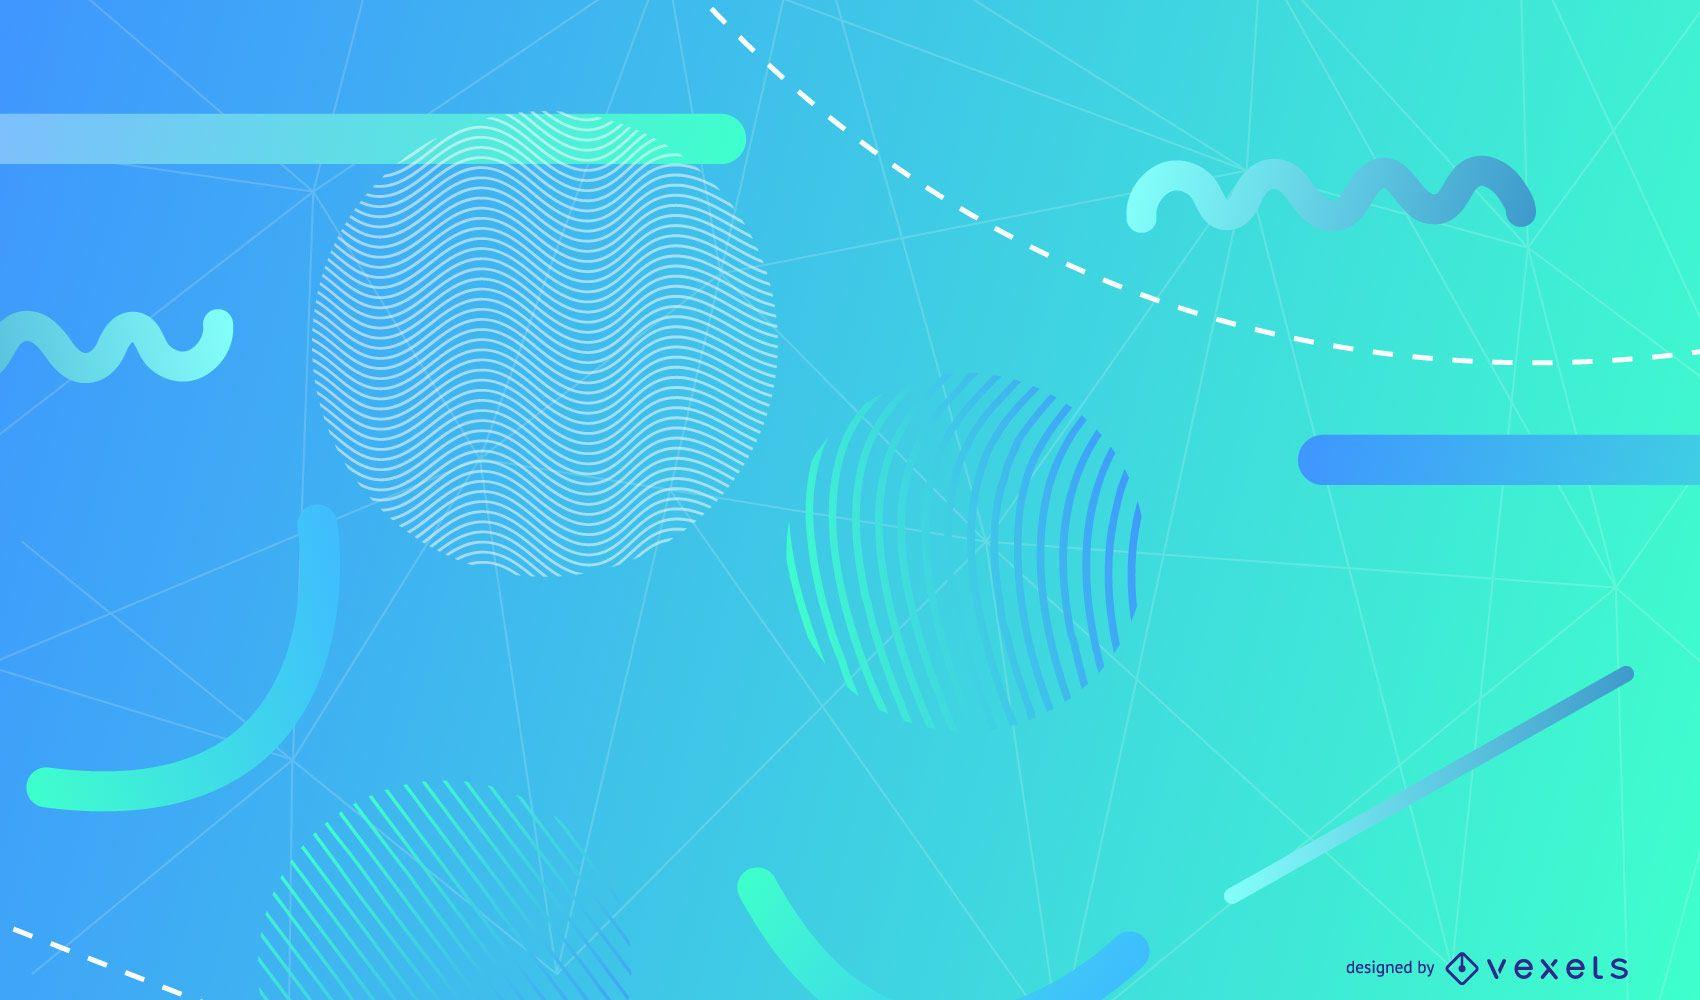 Formas geométricas fundo azul claro